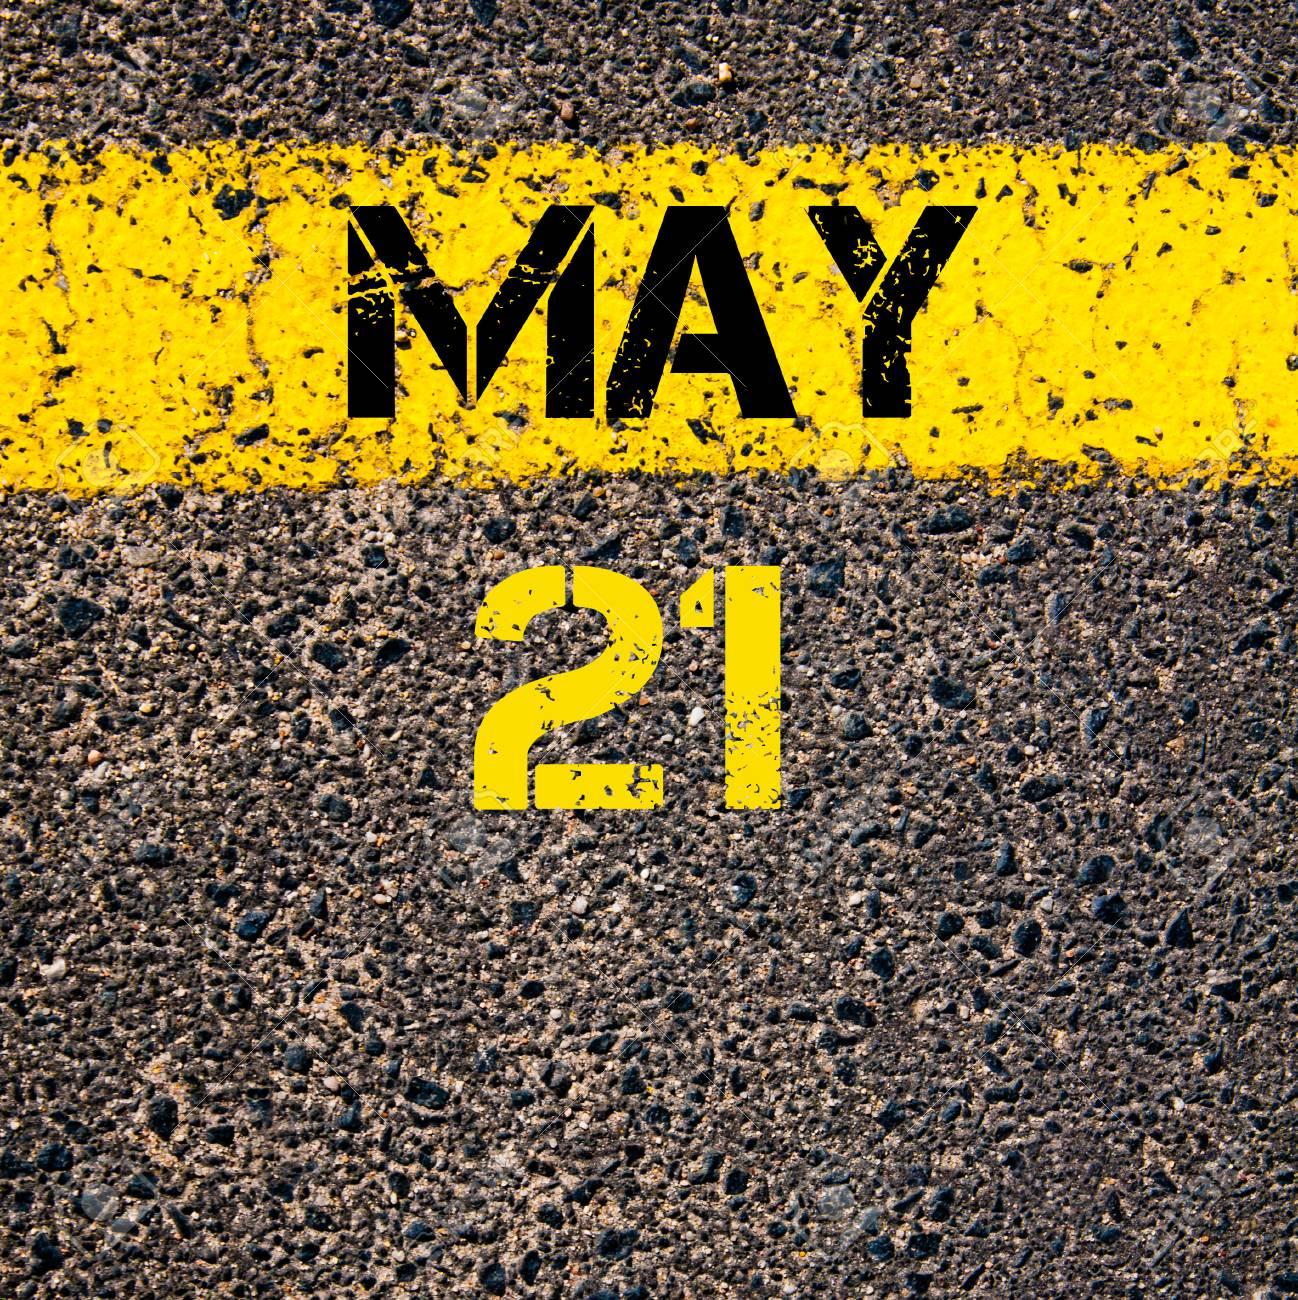 21 Mai Jour Calendaire Ecrite Sur Le Marquage Ligne De Peinture